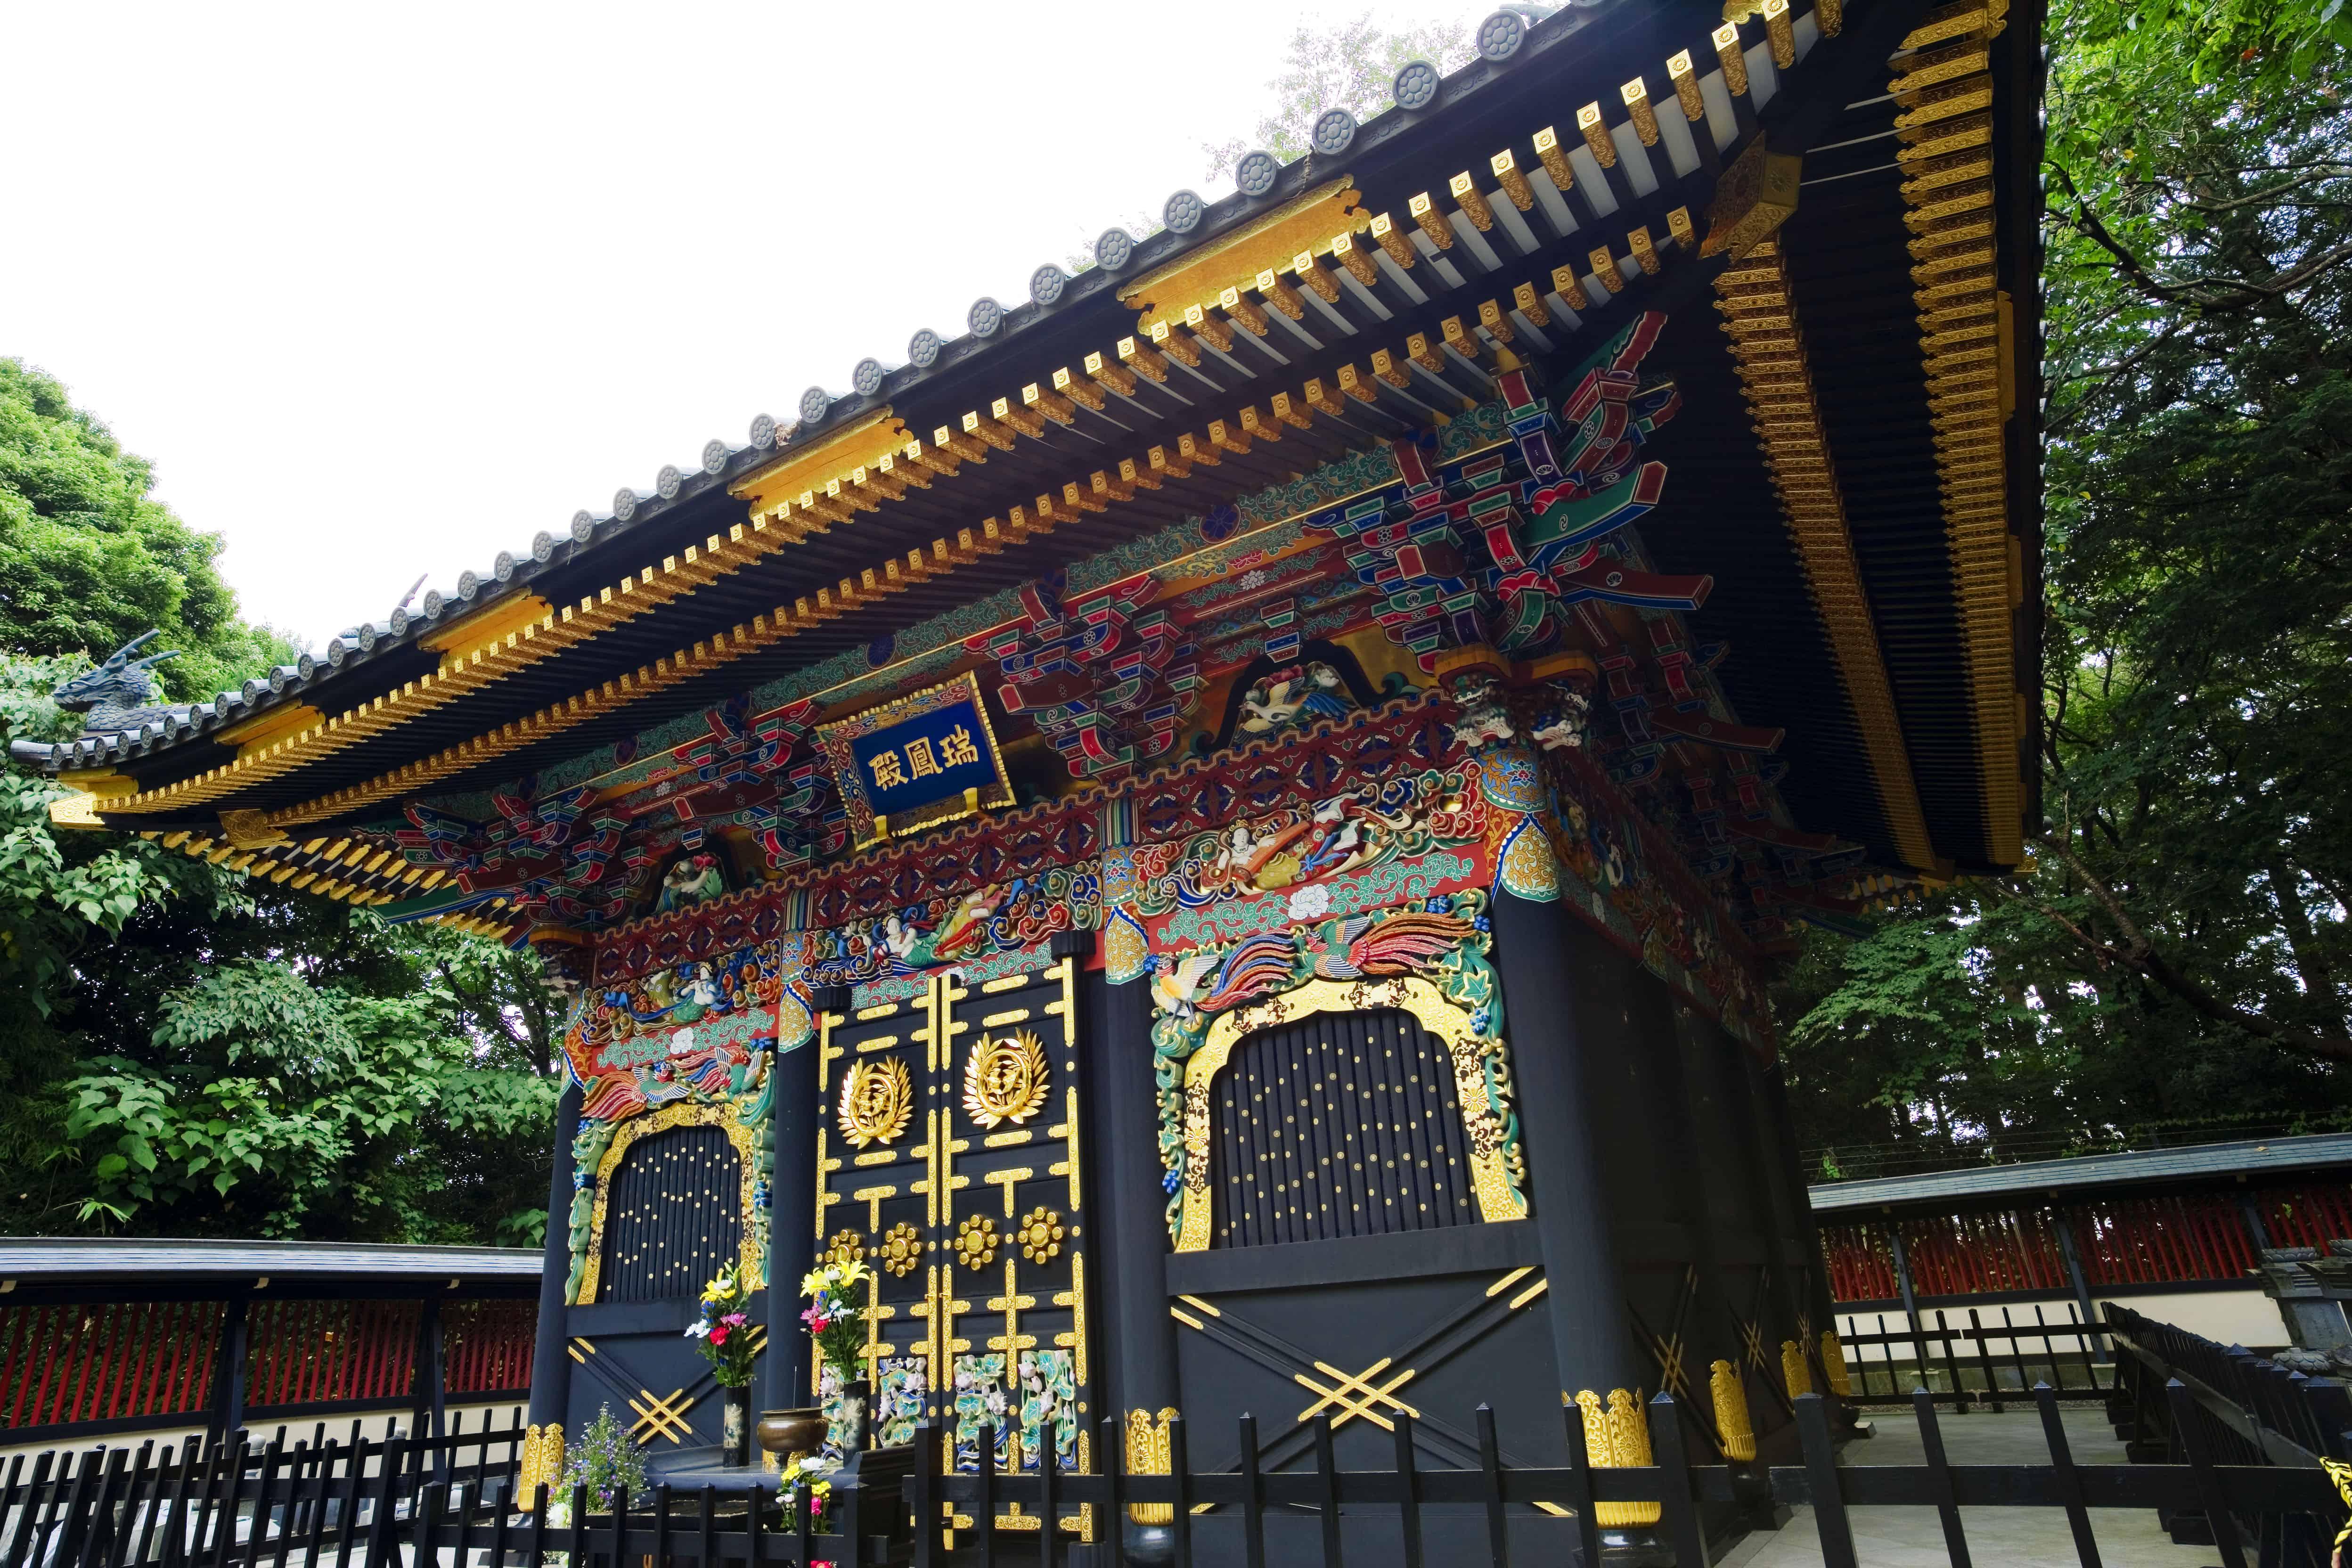 สุสานซุยโฮเด็ง (Zuihoden Mausoleum : 瑞鳳殿)